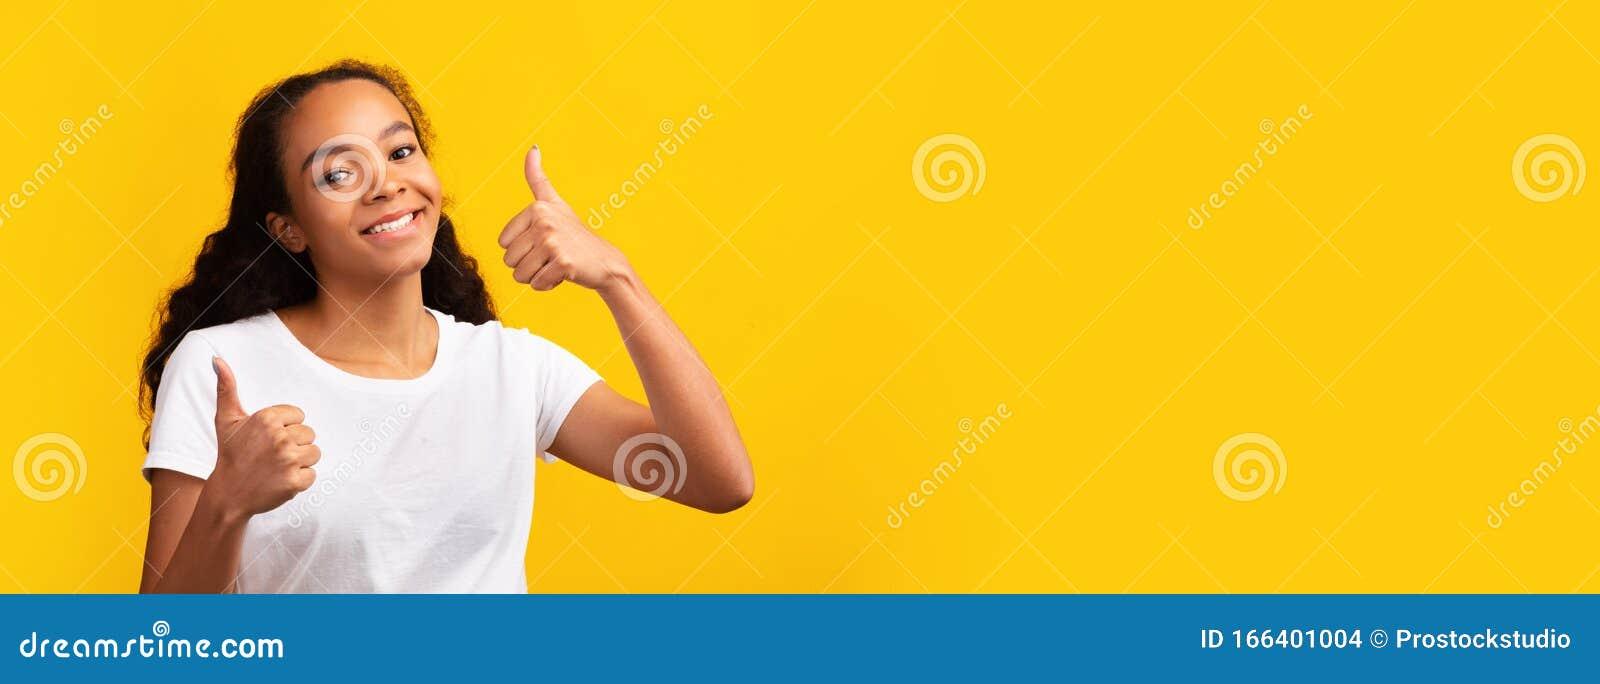 Black teen thumbs